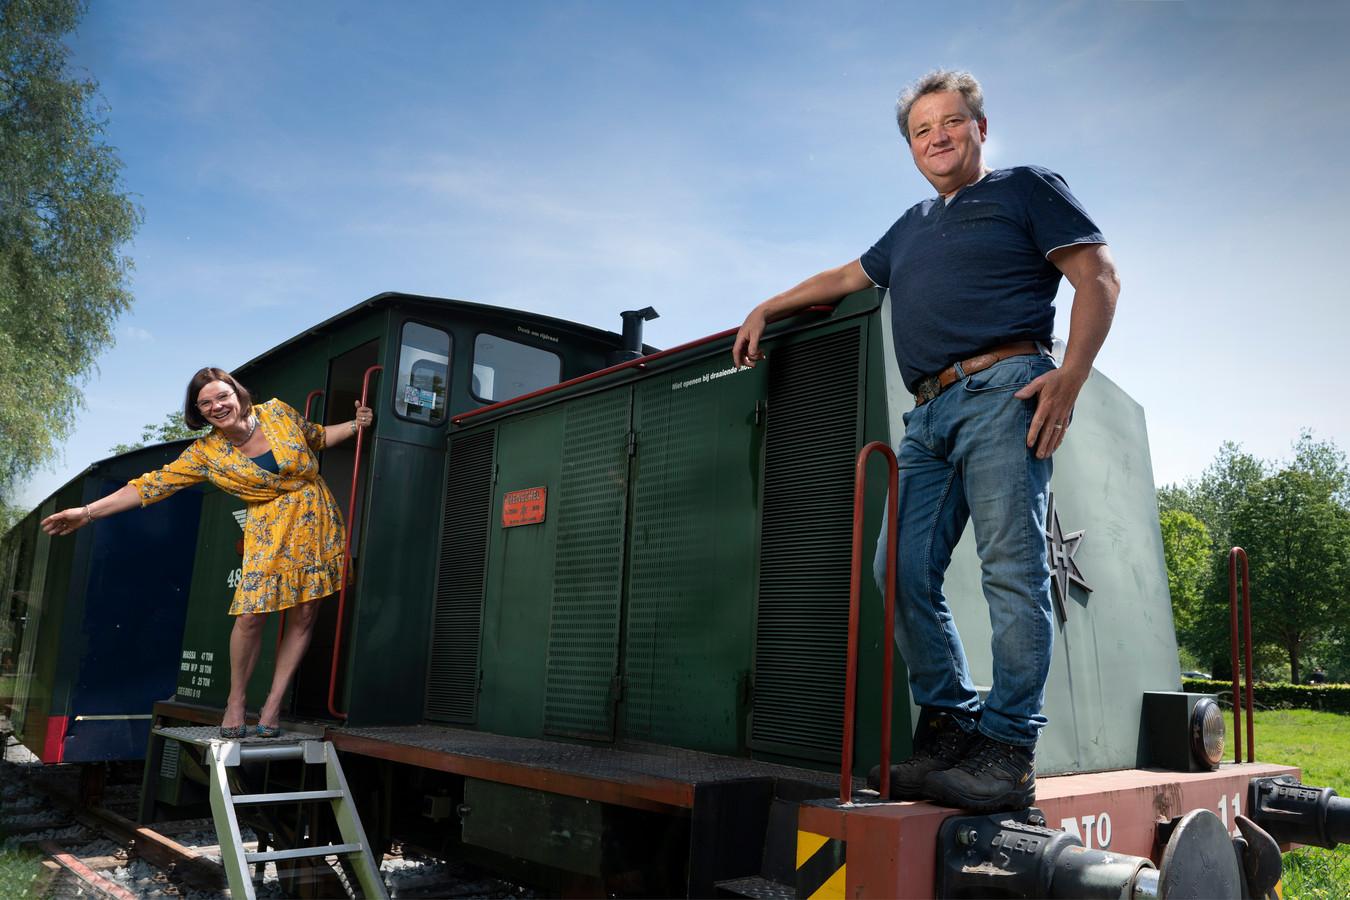 Miranda en Jos Sanders verplaatsen hun locomotief en wagon naar de andere kant van het Duits Lijntje. Het wordt een bed and breakfast.